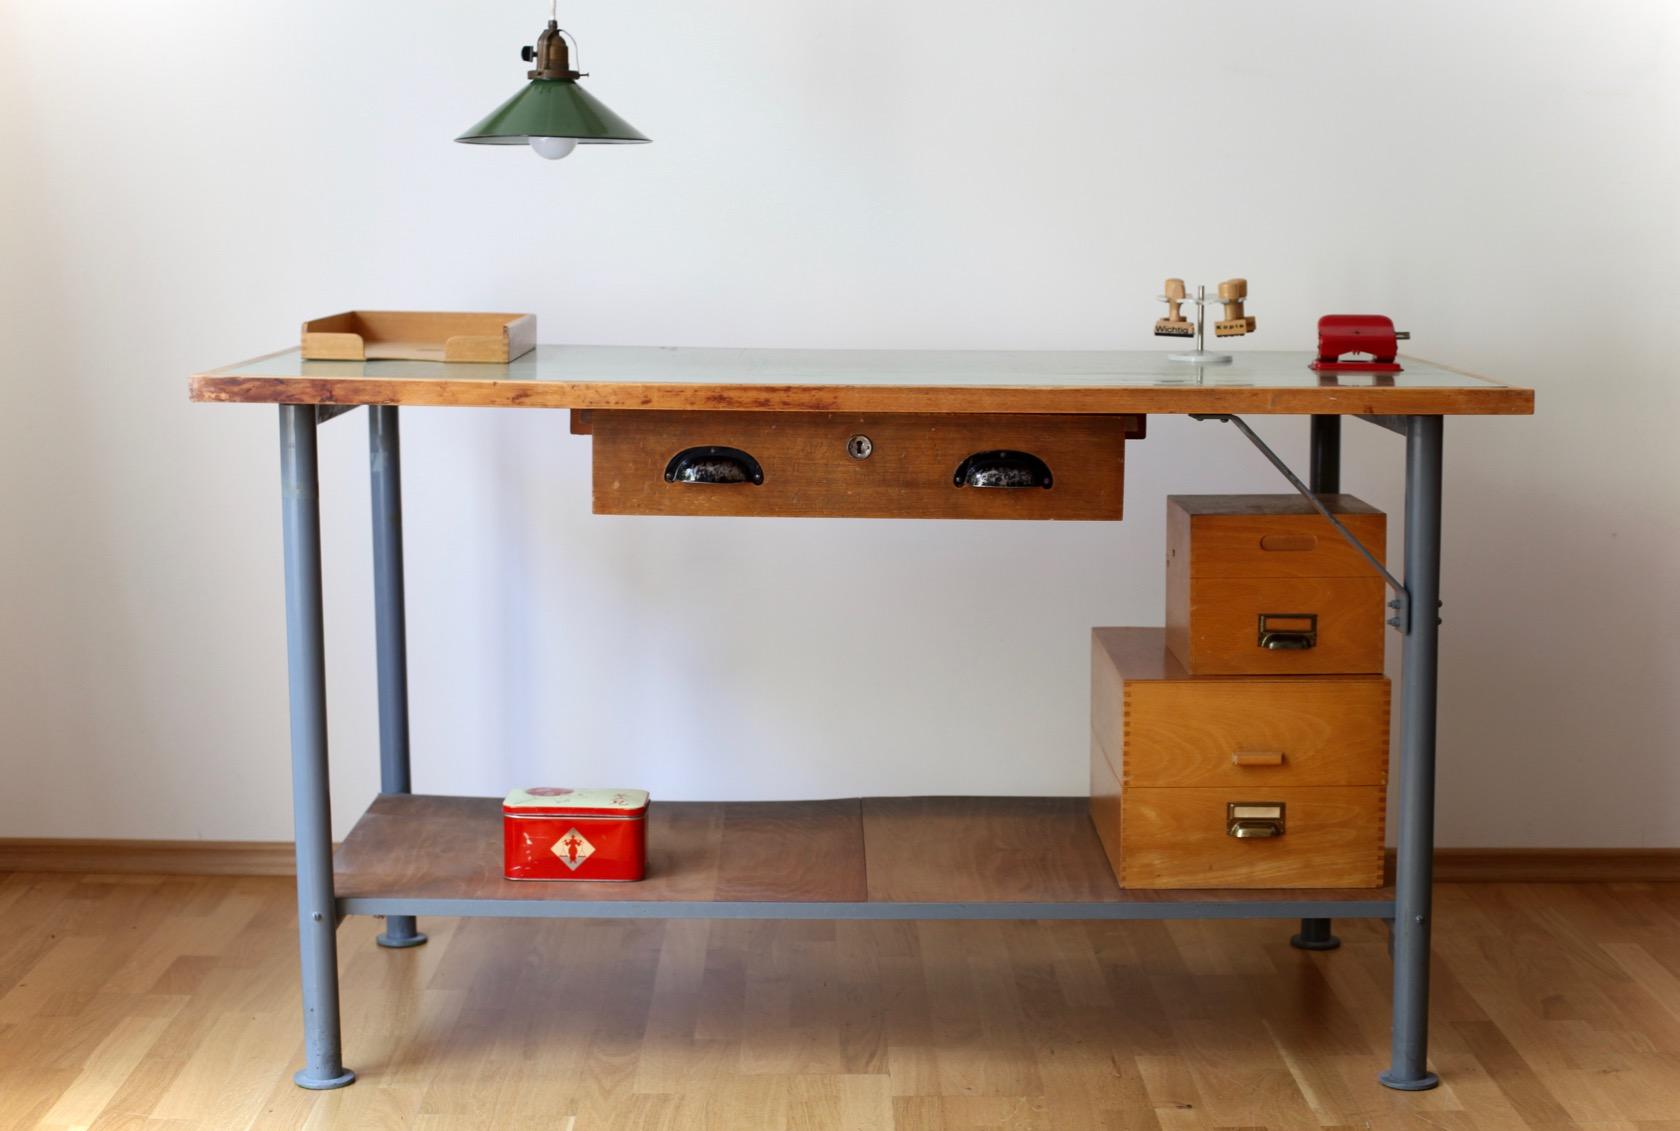 gro er vintage werkstatt oder arbeitstisch raumwunder vintage wohnen in n rnberg. Black Bedroom Furniture Sets. Home Design Ideas